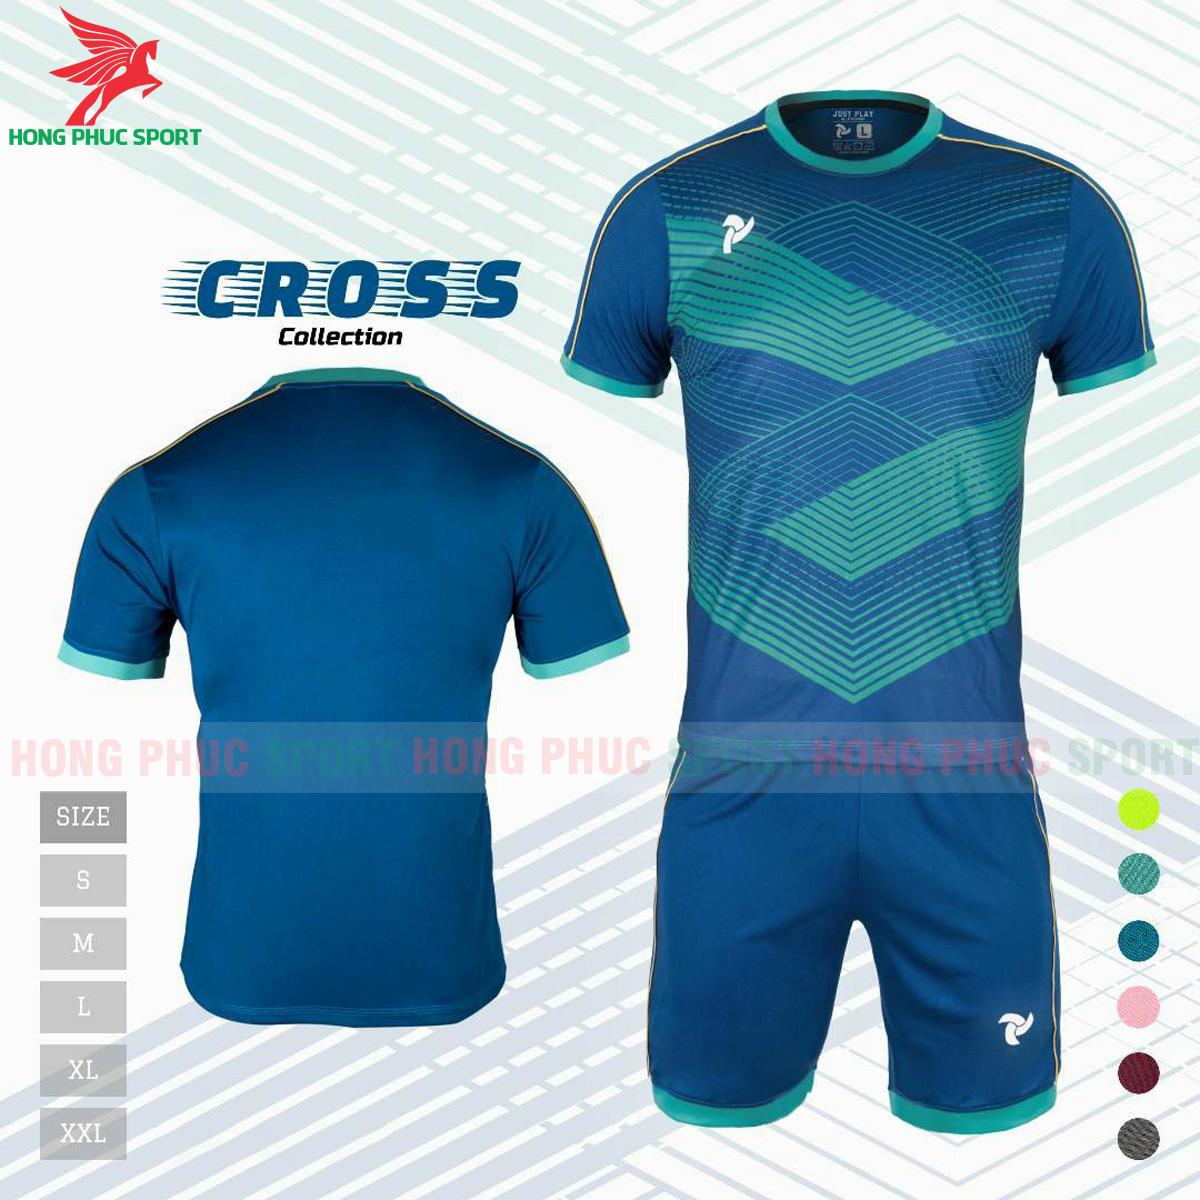 Áo đấu không logo Justplay Cross 2021 màu xanh dương